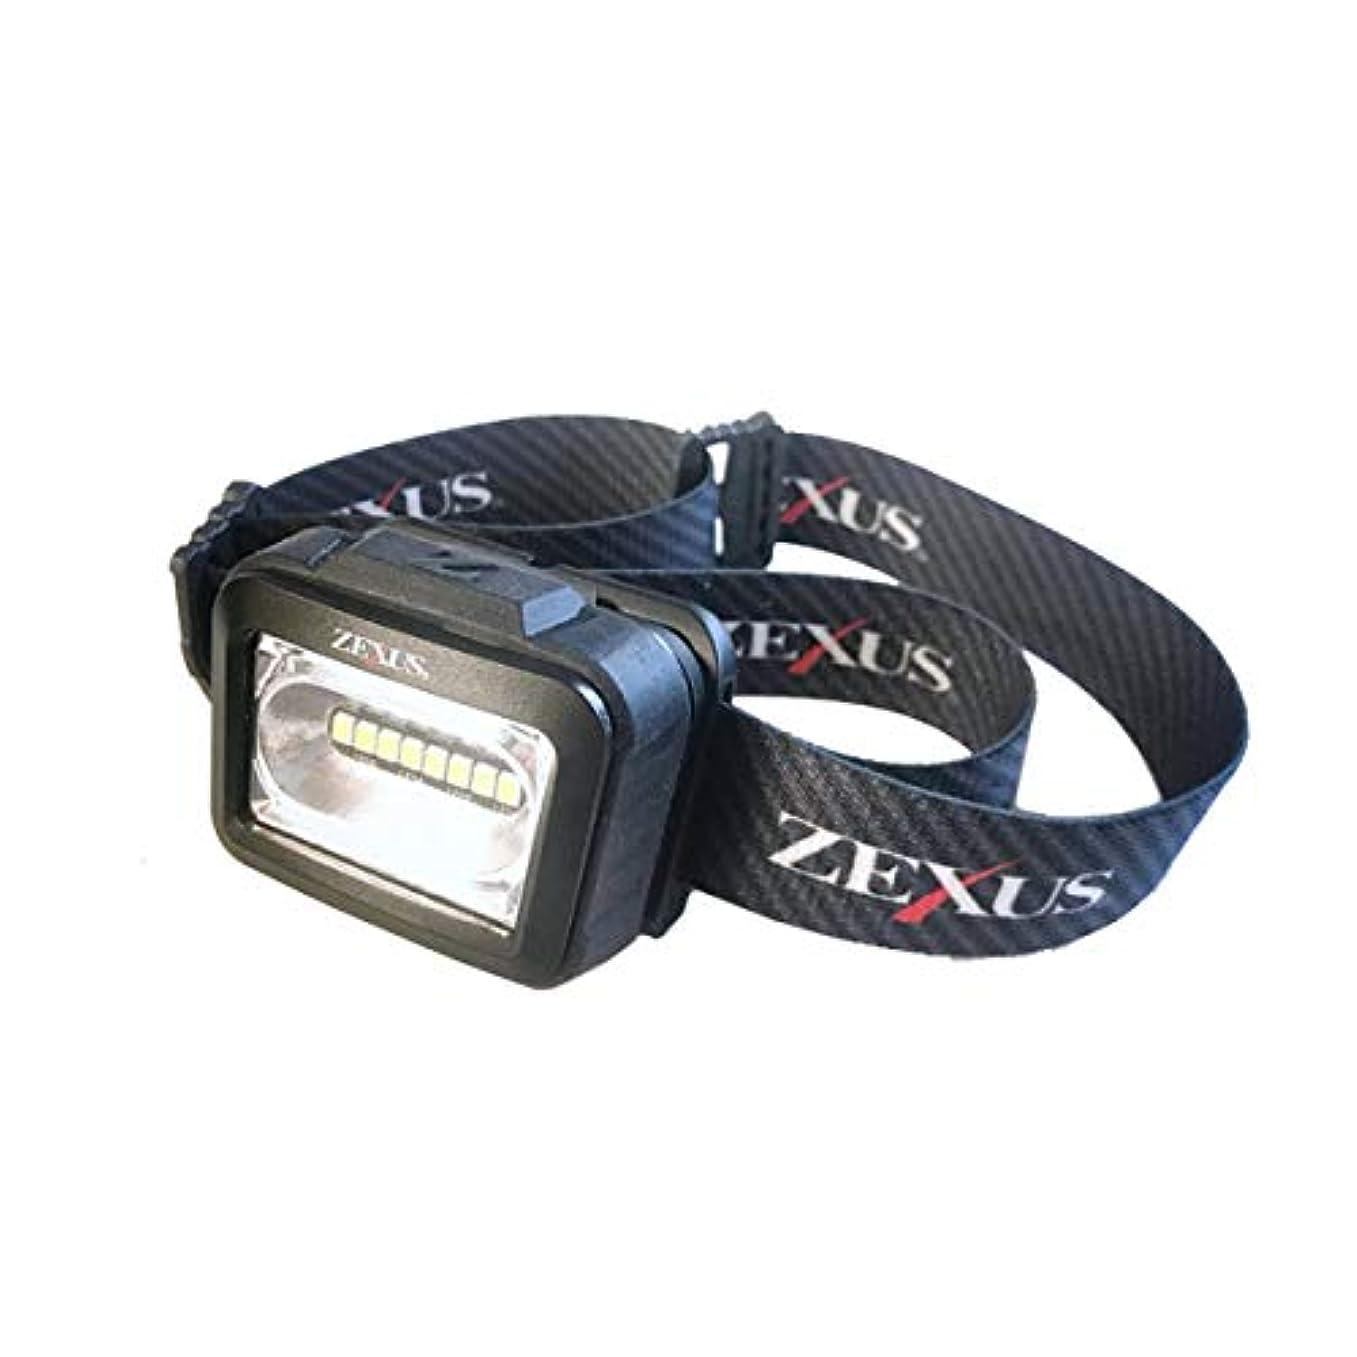 難しい流産履歴書ZEXUS LED ヘッドライト ZX-165 冨士灯器 フィッシング 夜釣り アウトドア キャンプ